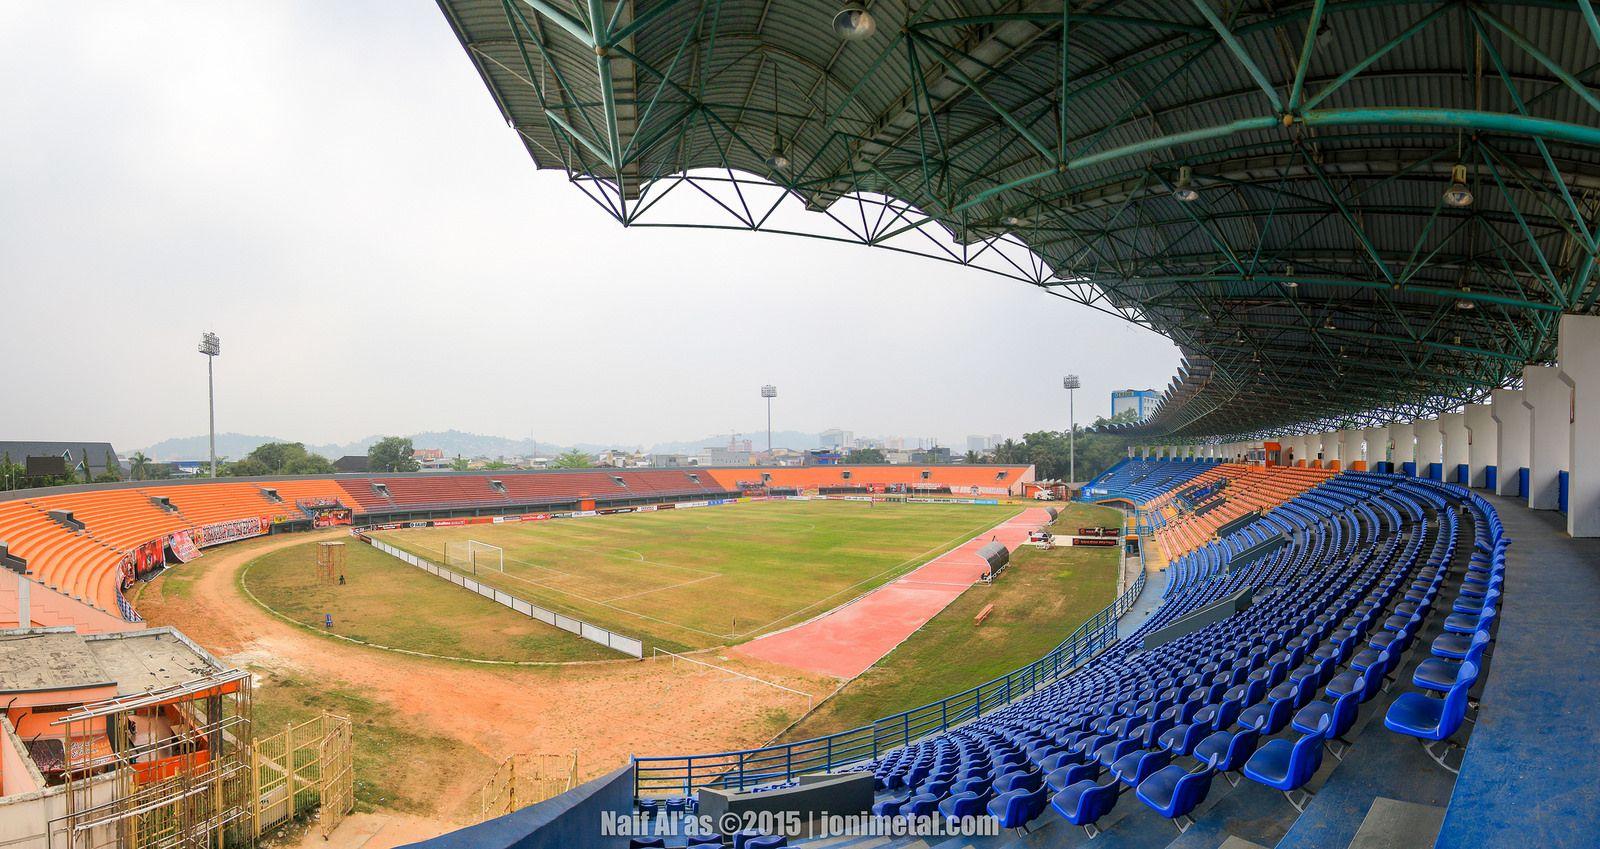 Stadion Segiri Stadiumdb Utama Palaran Kota Samarinda